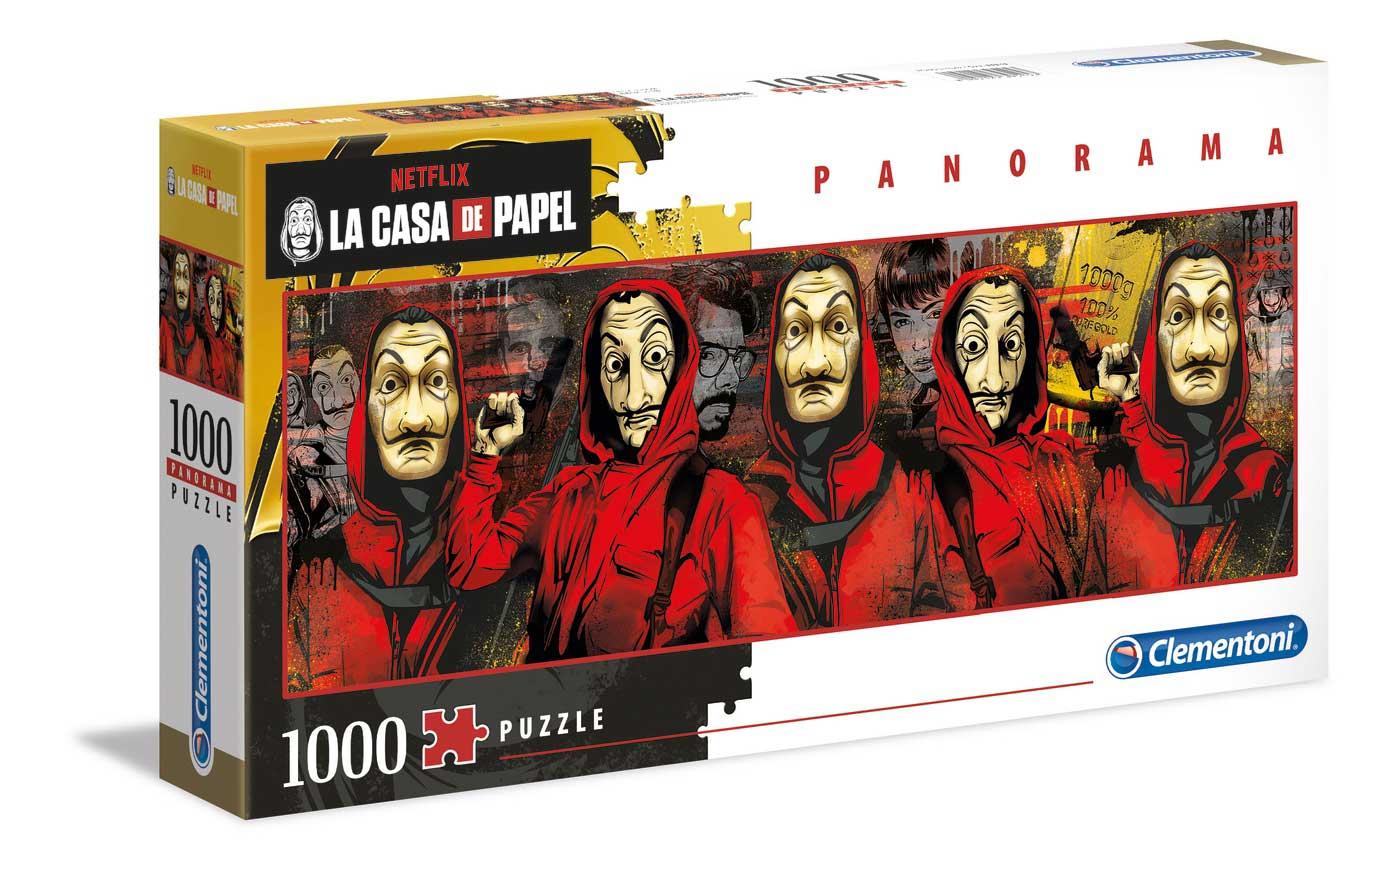 Puzzle Clementoni La Casa De Papel Panorama de 1000 Pzs